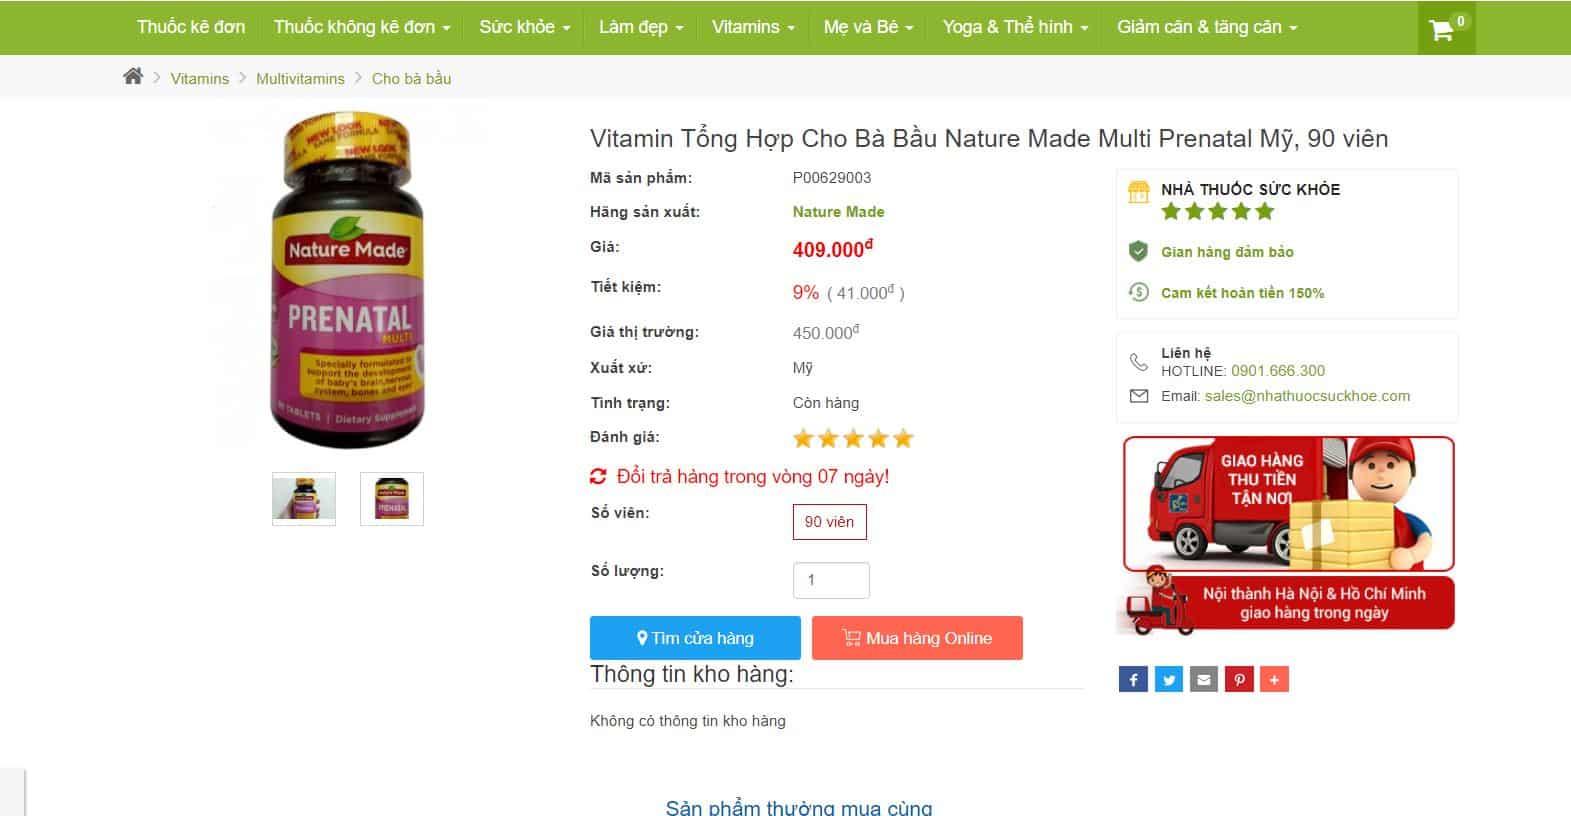 Vì Sao Mẹ Bầu Phải Bổ Sung Vitamin? Nên Dùng Vitamin Multi Prenatal Mỹ Không?